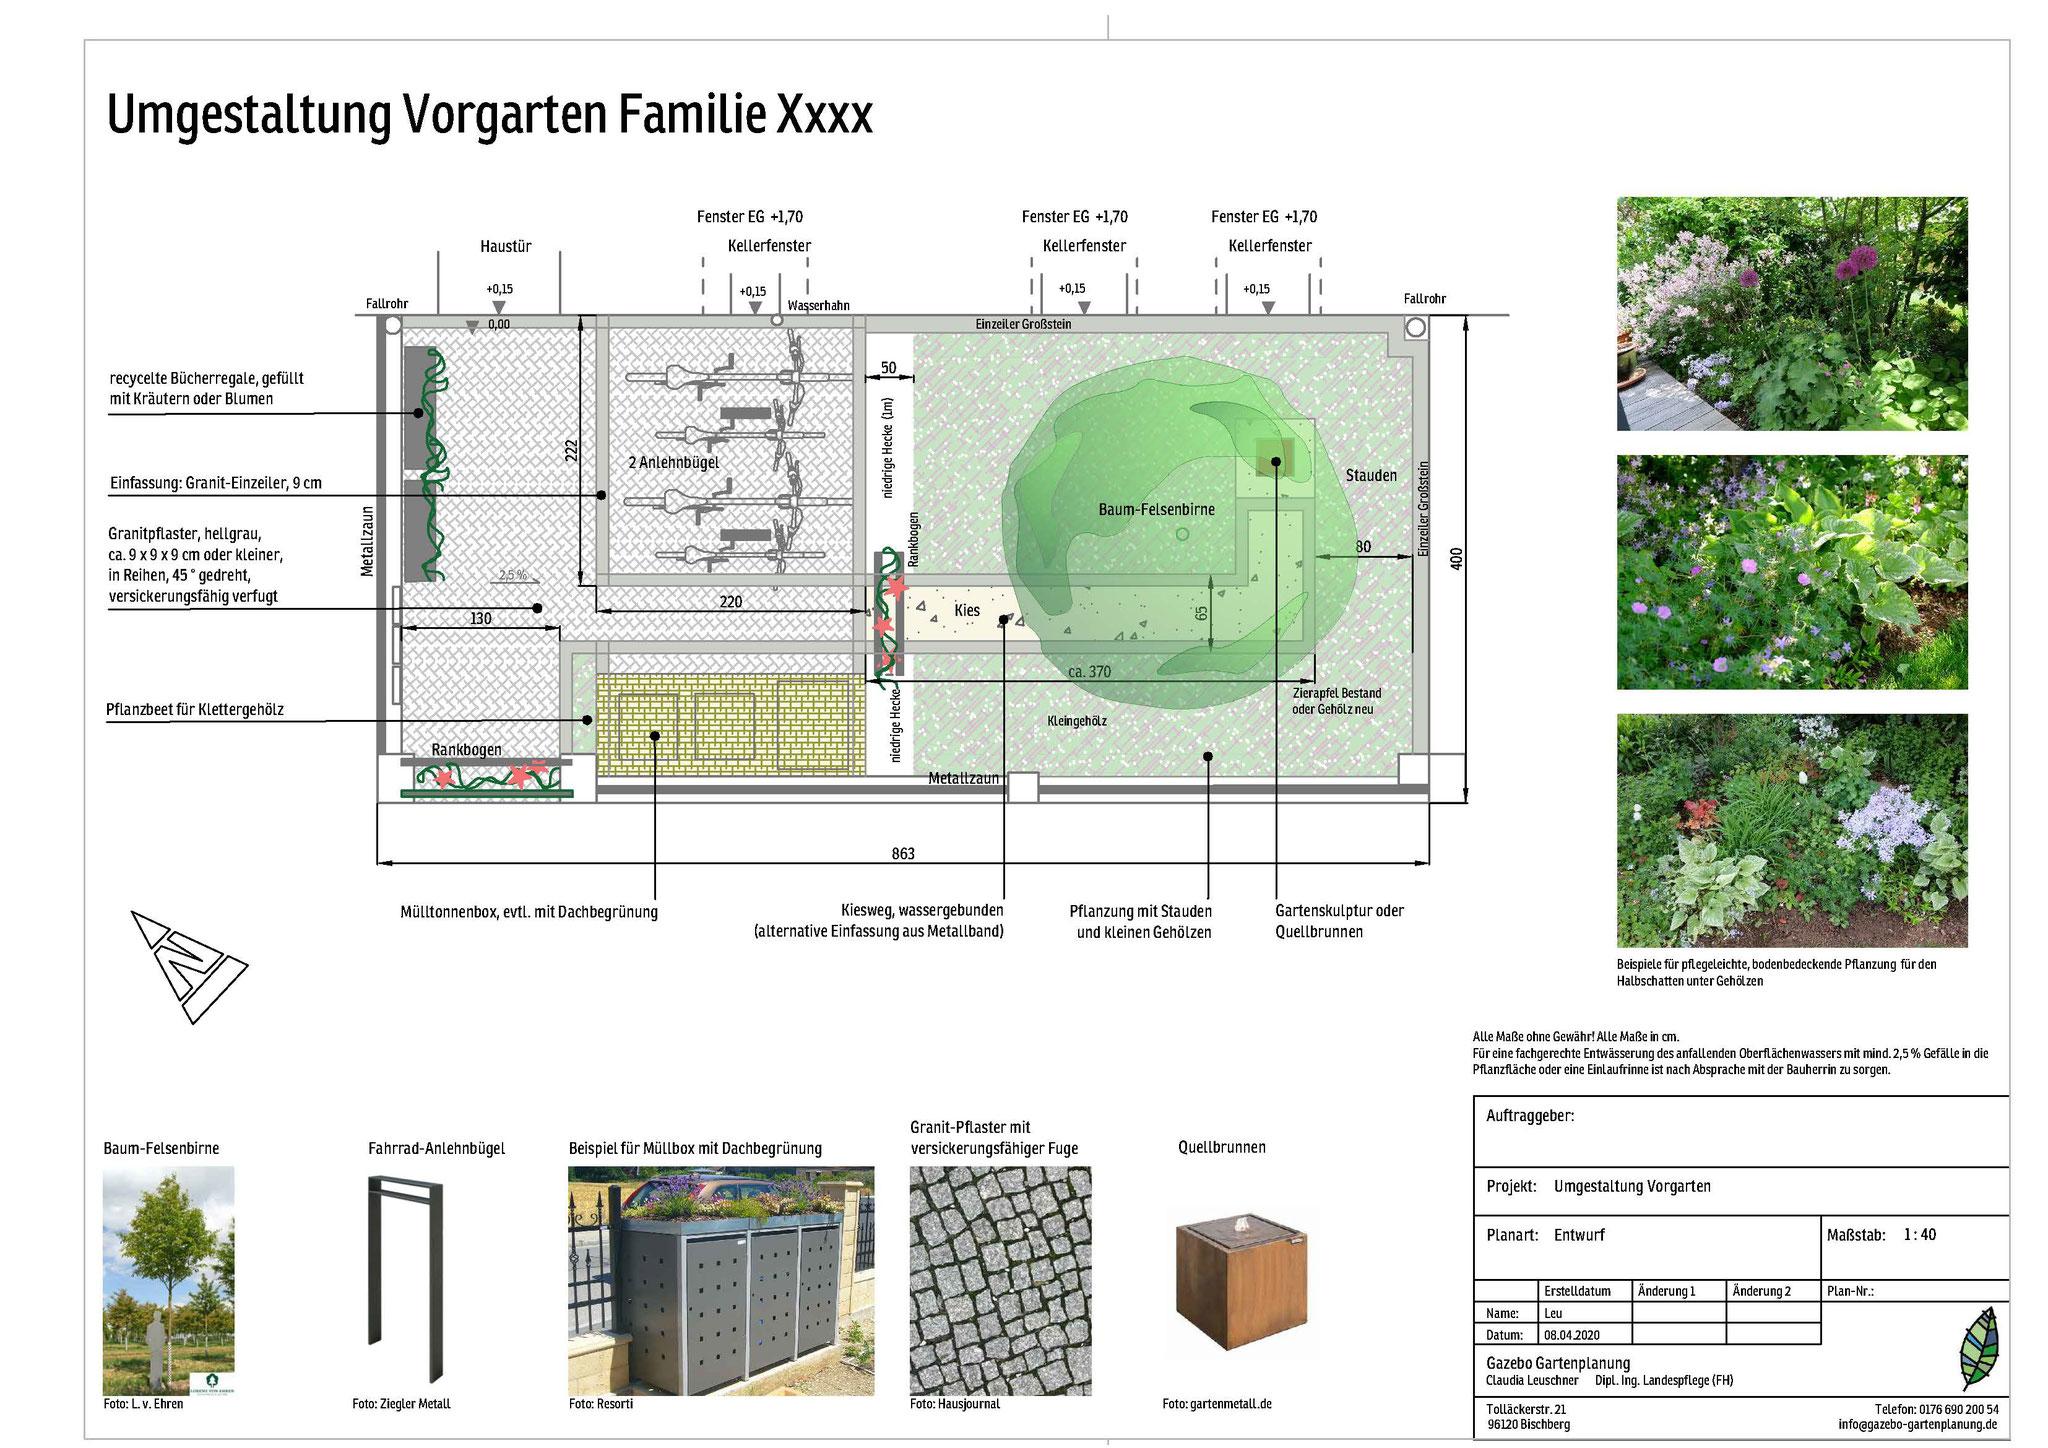 Städtischer Gründerzeit - Vorgarten mit hohem Anspruch an Funktion, Bamberg